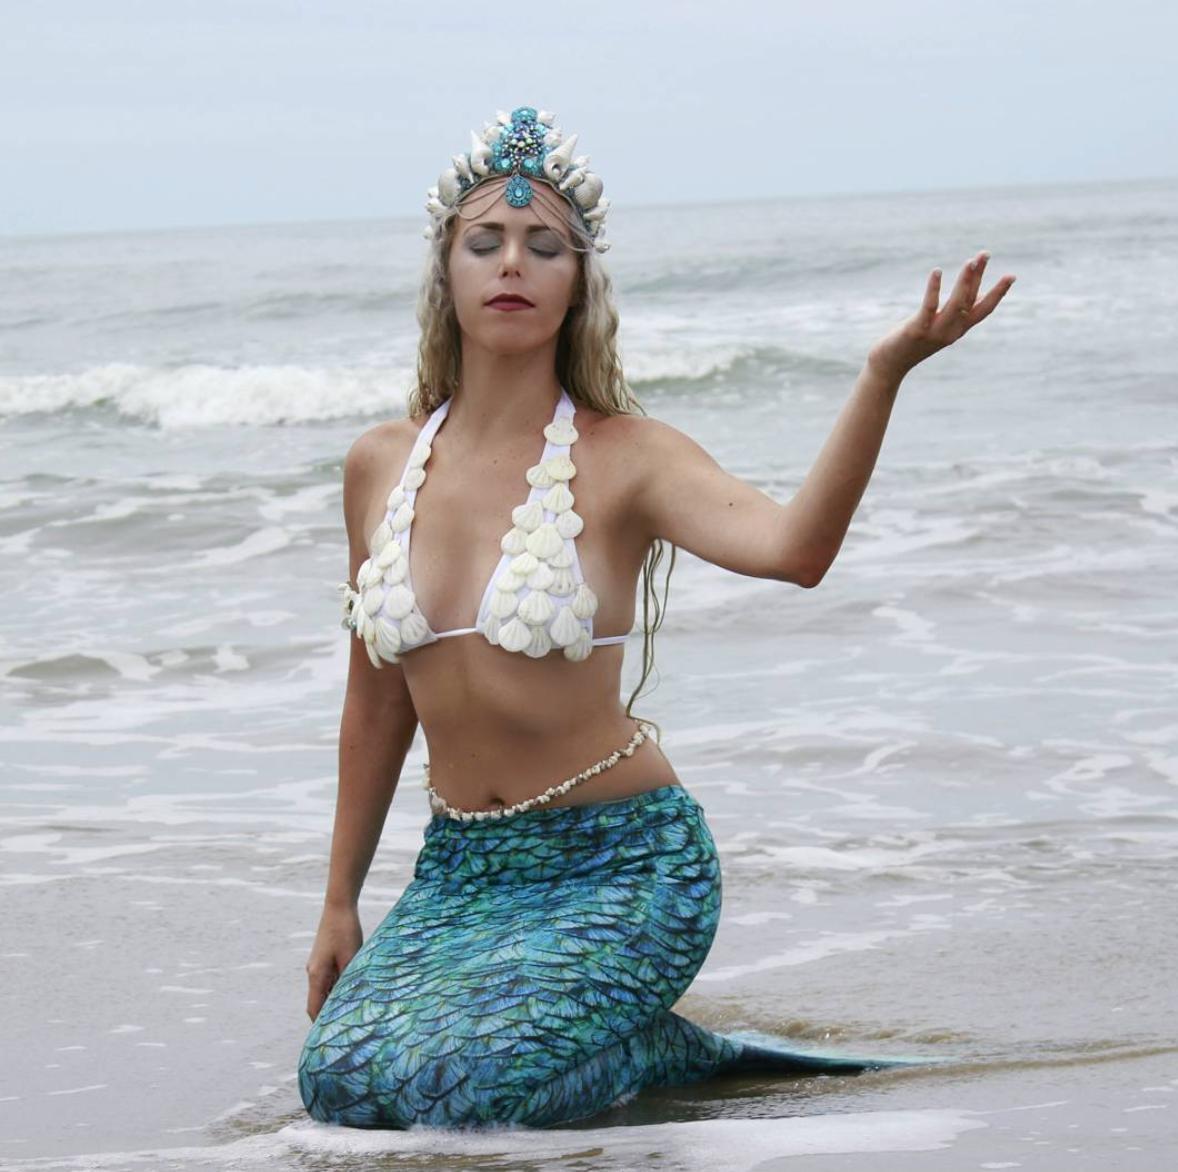 Aos 34 anos, Mirella Ferraz vive de ser uma sereia profissional (Foto: Reprodução/Instagram)